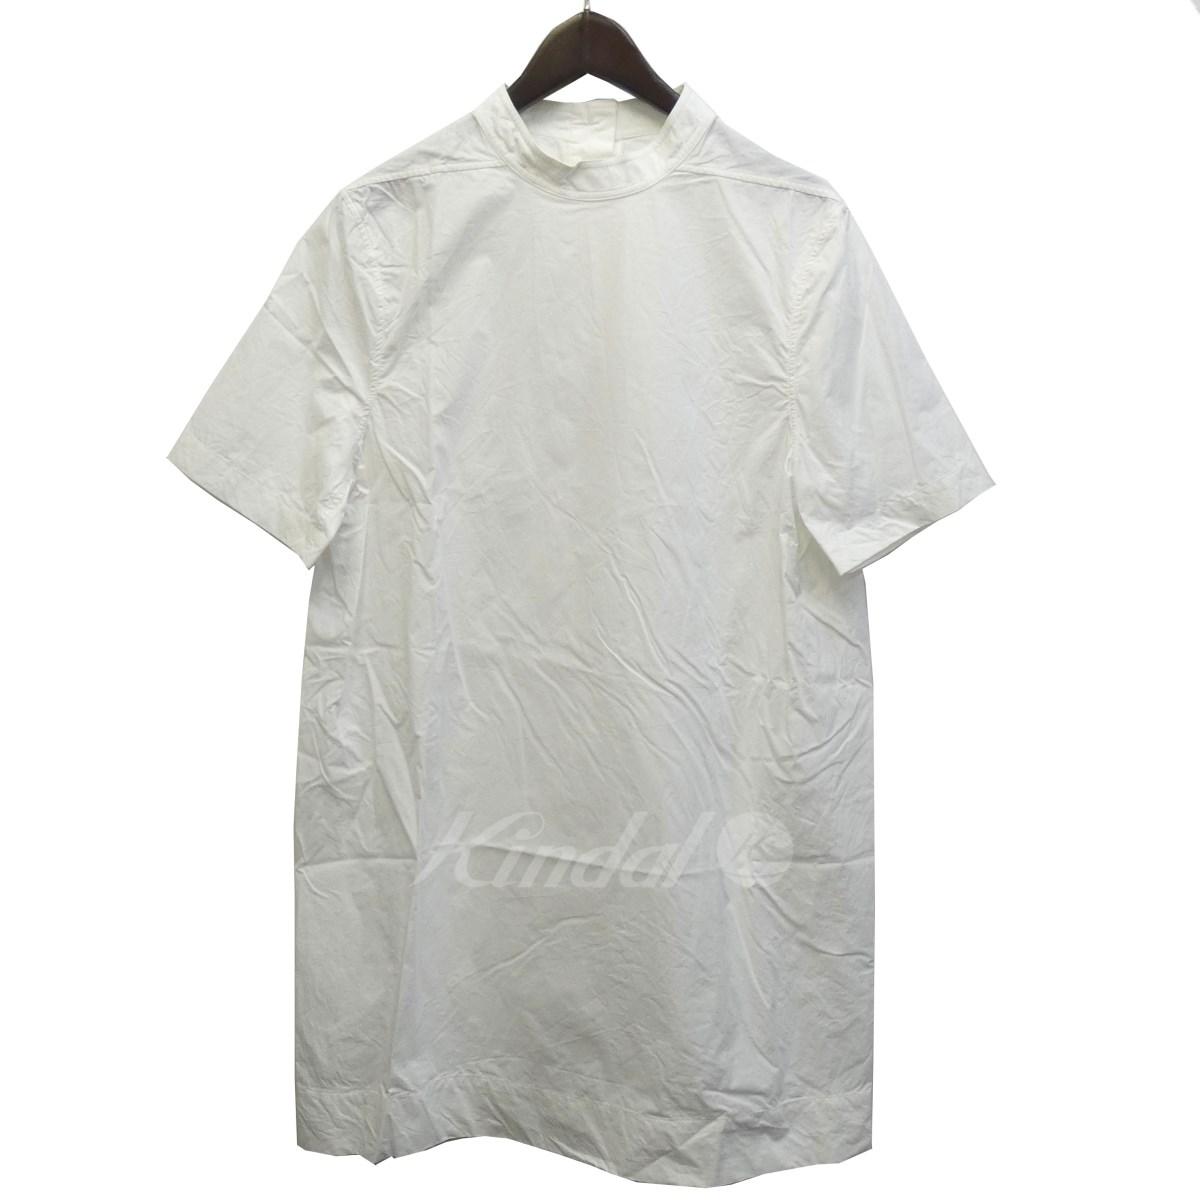 【中古】Rick Owens 17SS オーバーサイズシャツ ミルク サイズ:ITA M 【200419】(リックオウエンス)